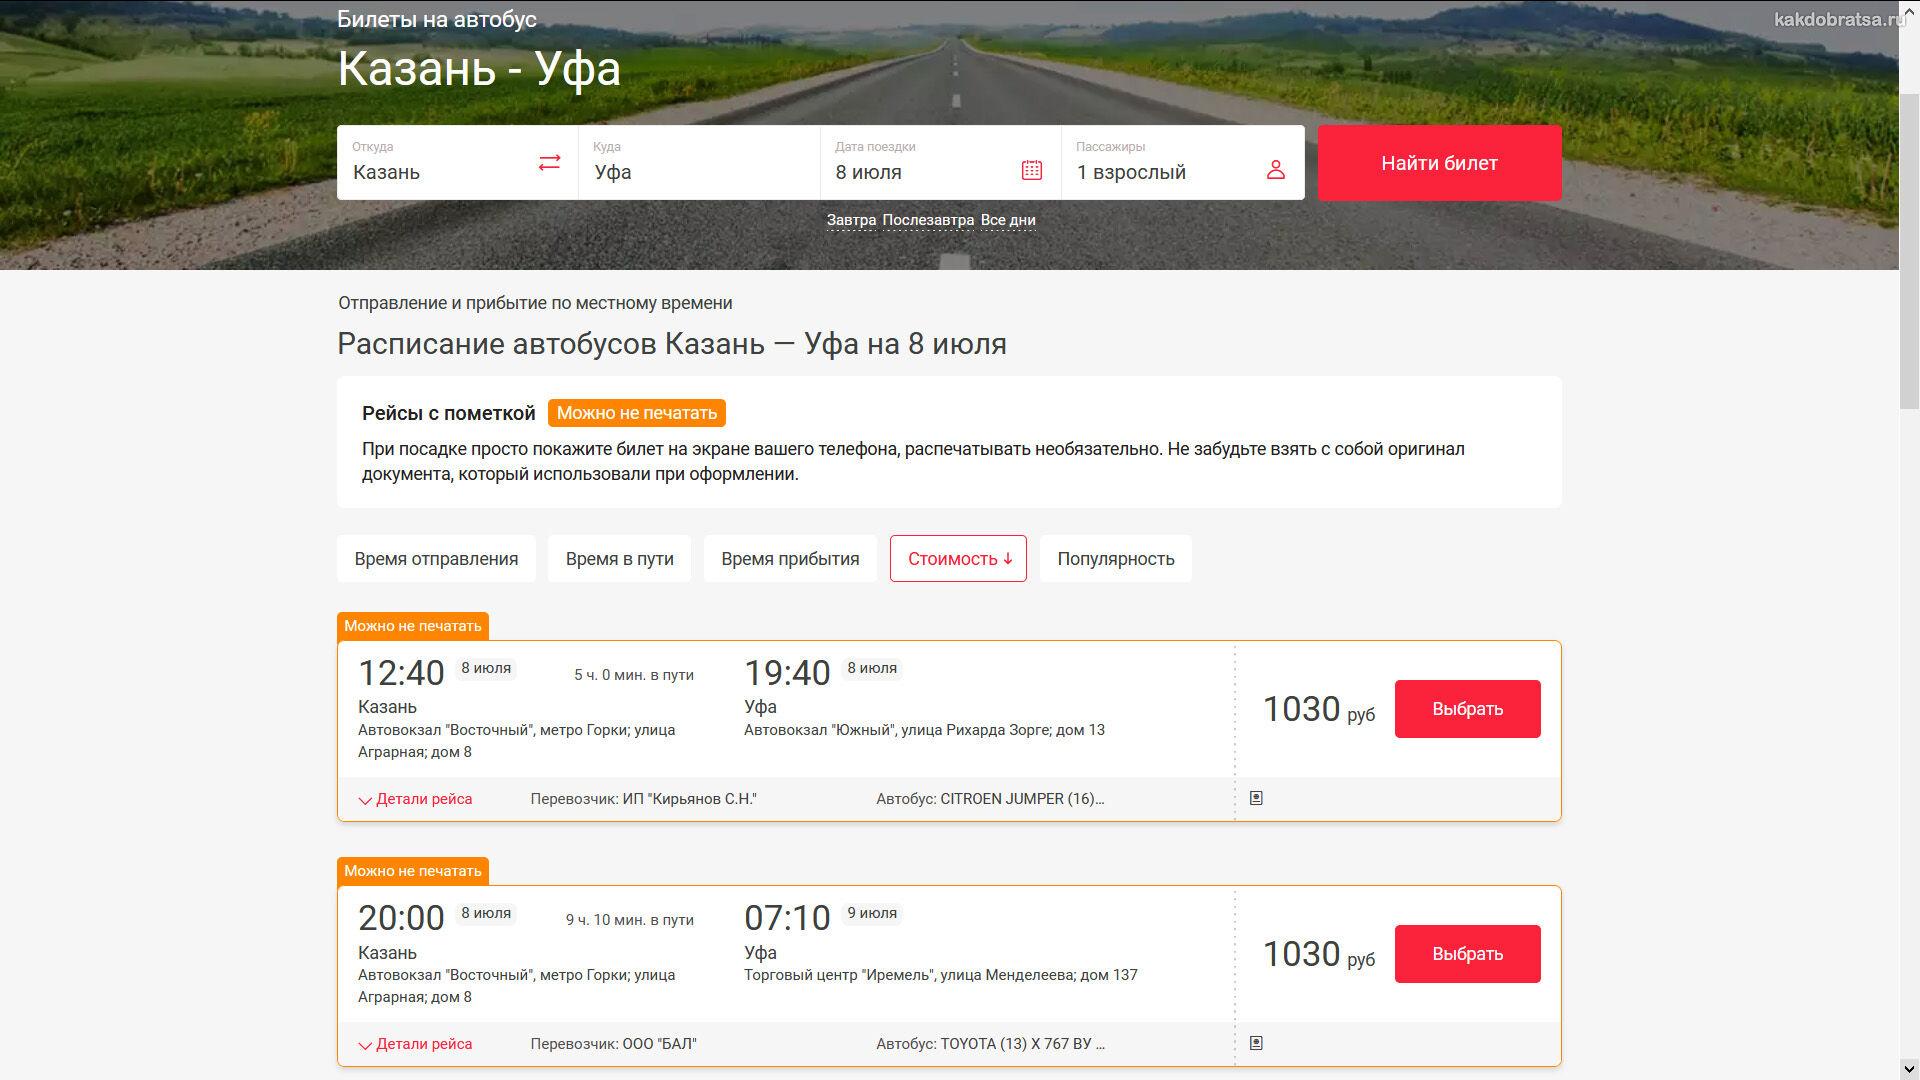 Автобус из Казани в Уфу